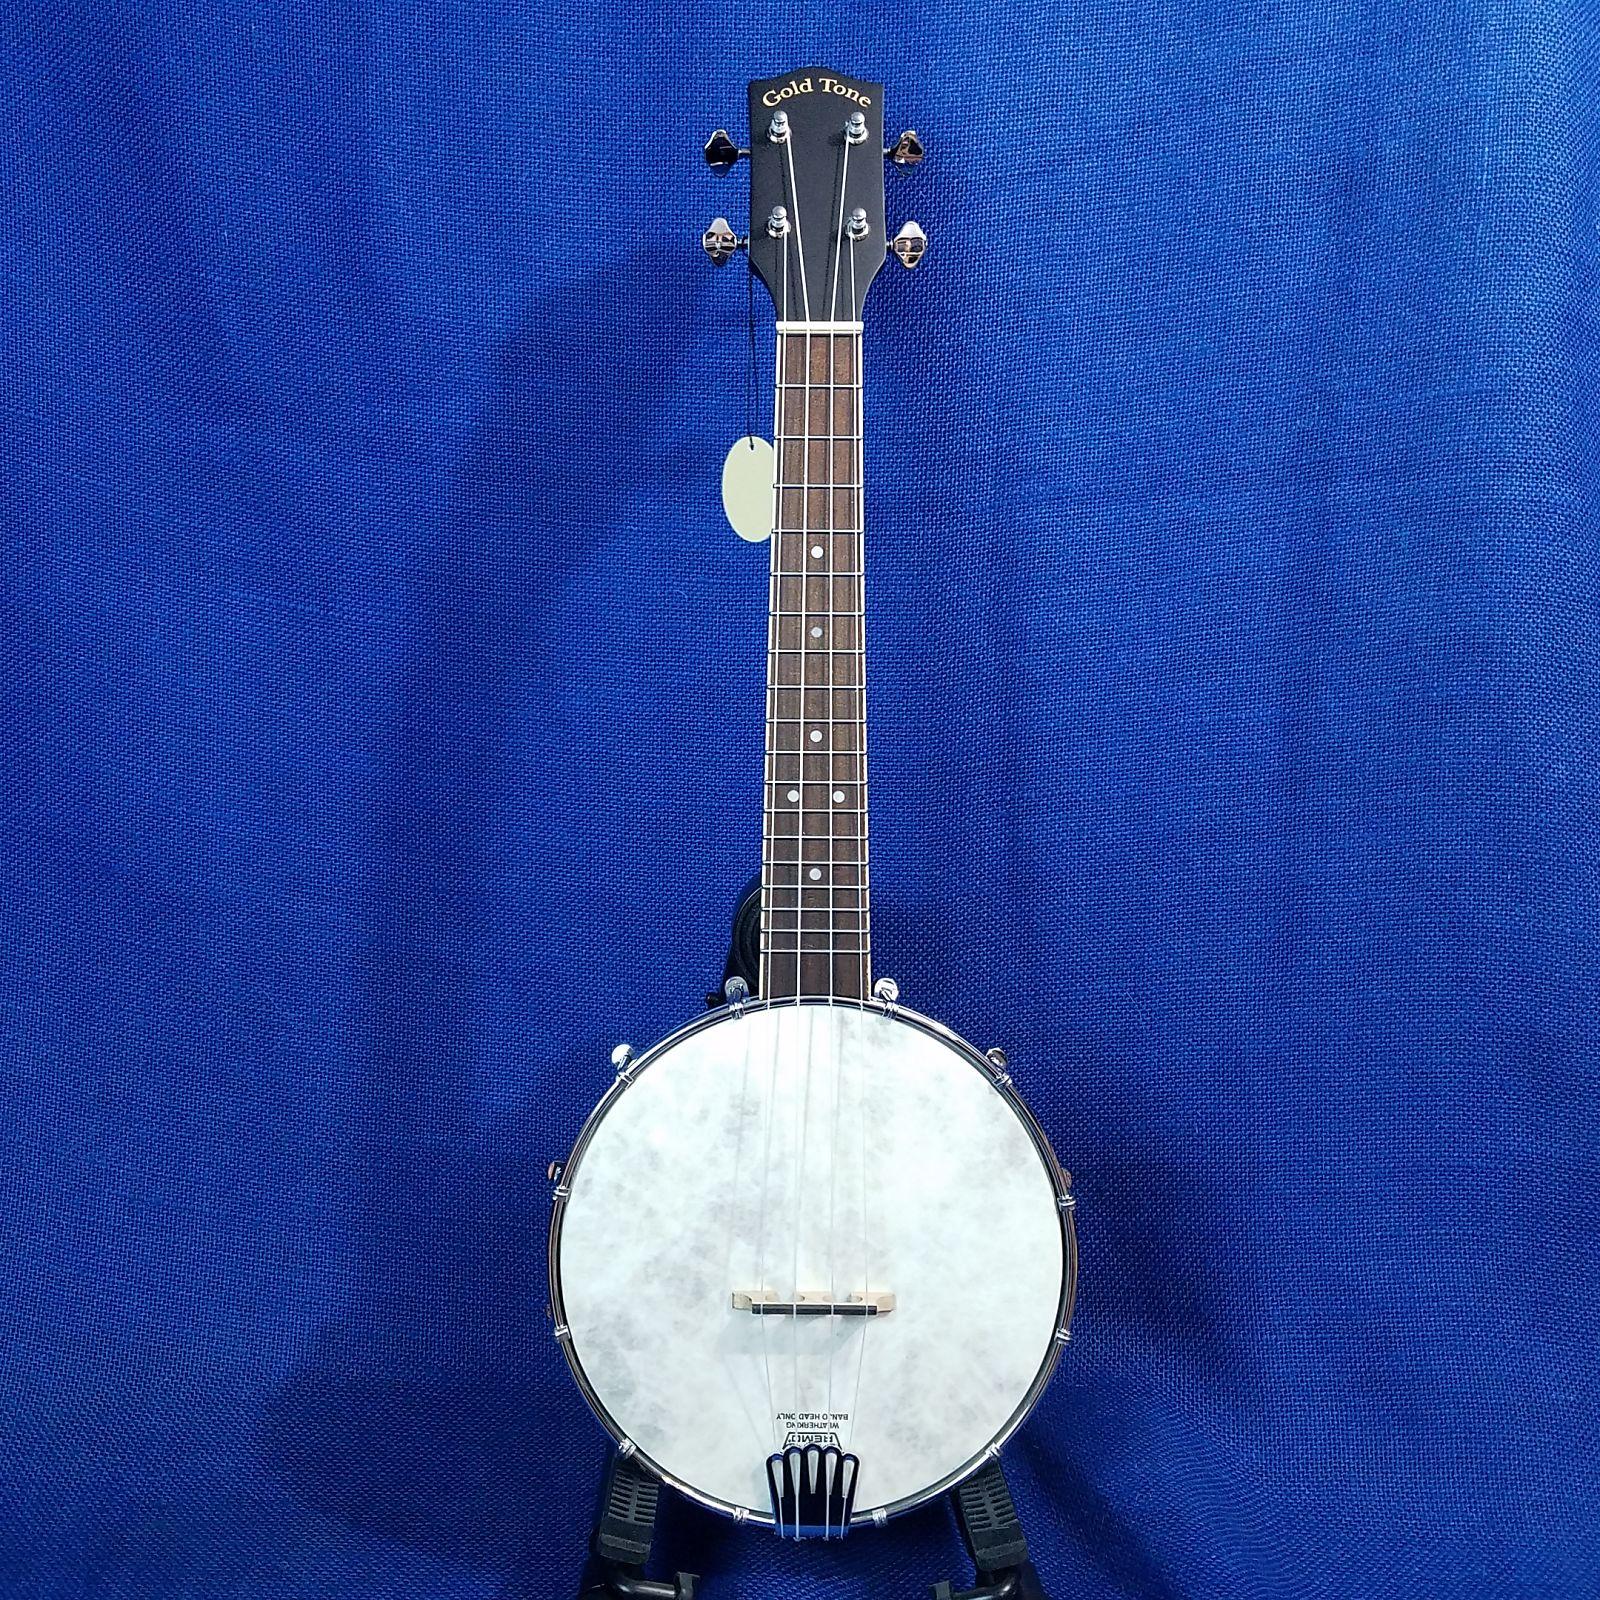 Mims Ukes: Gold Tone Concert Banjolele BU-1 Maple Banjo Ukulele Uke with  Pickup & Bag ~525